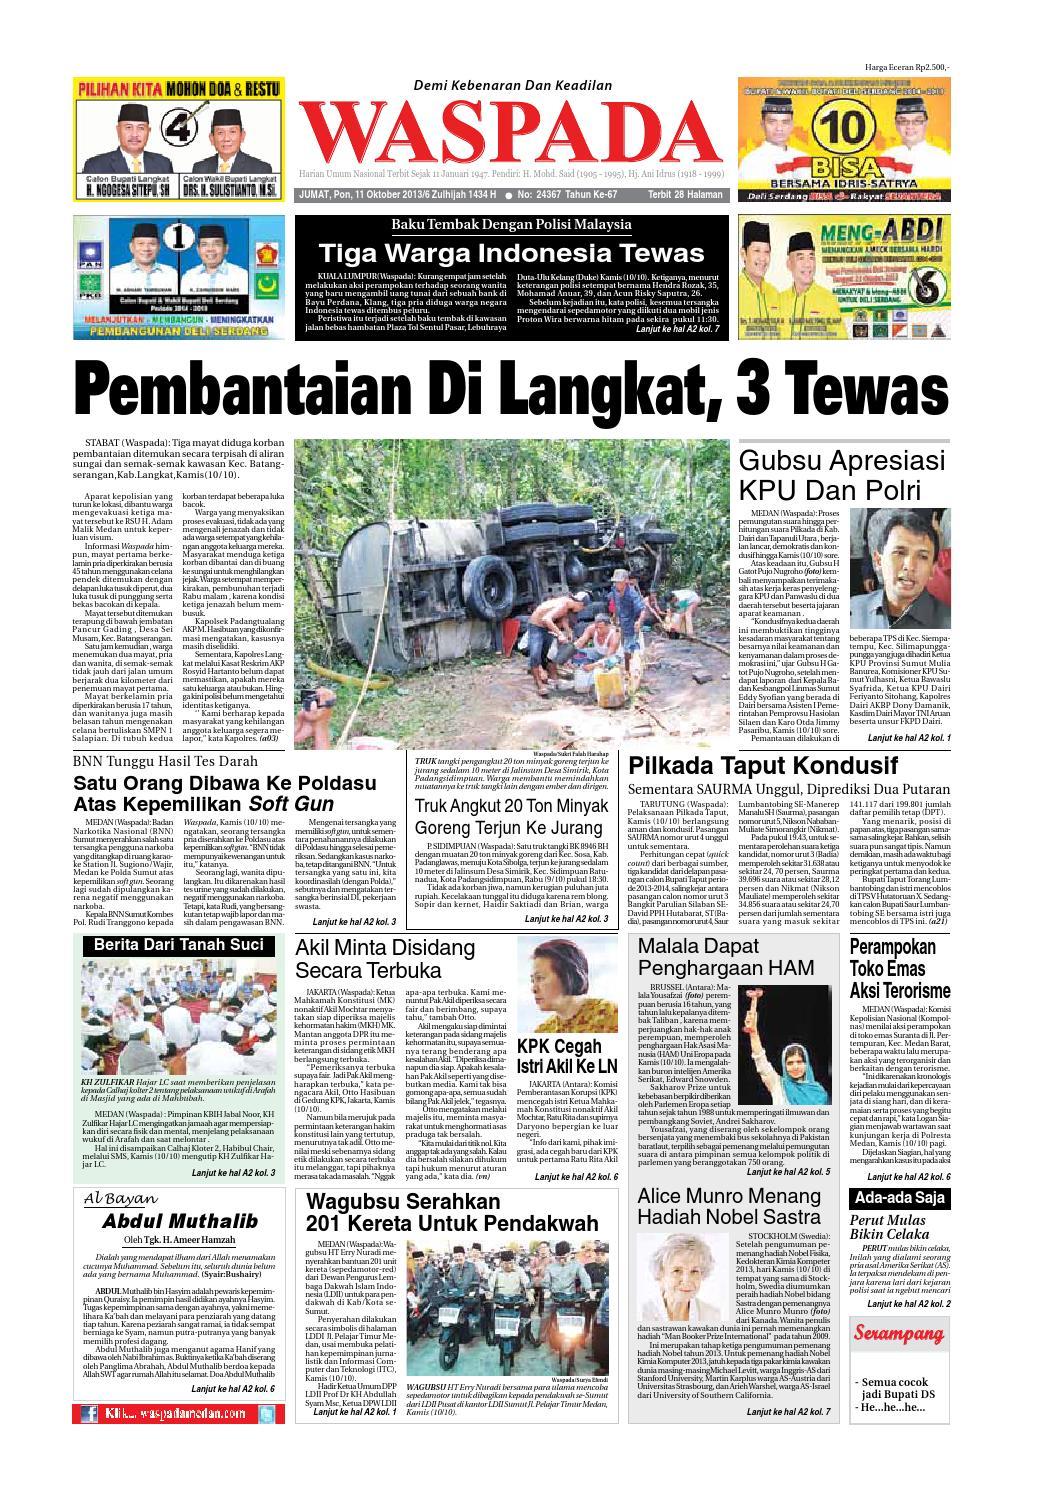 Waspada Jumat 11 Oktober 2013 By Harian Waspada Issuu